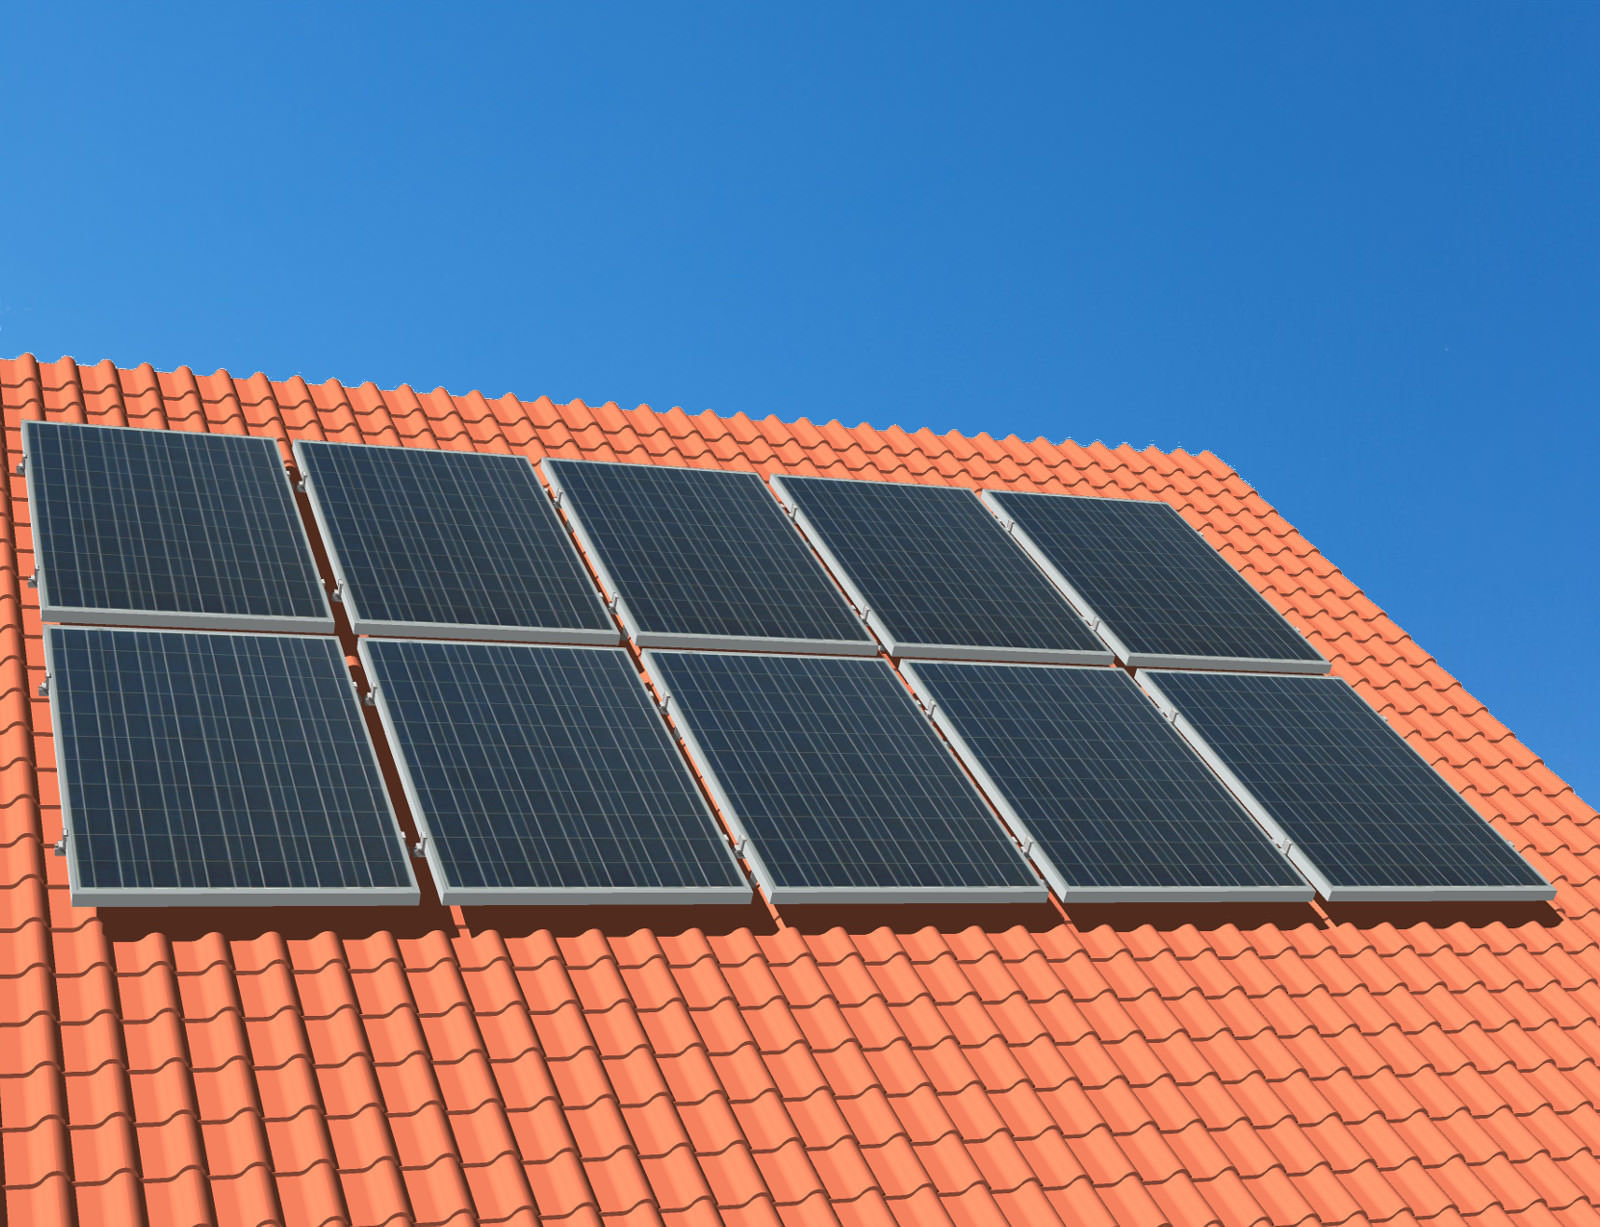 """myCleantech-Solar.org™ - Komplett Solaranlage Schrägdach 810 - 6'168 WattP """"Einfache Selbstmontage - do it yourself"""" oder Aufbau durch unsere Fachleute ab... K20180715-04 - Let's developp your renewable project togheter"""